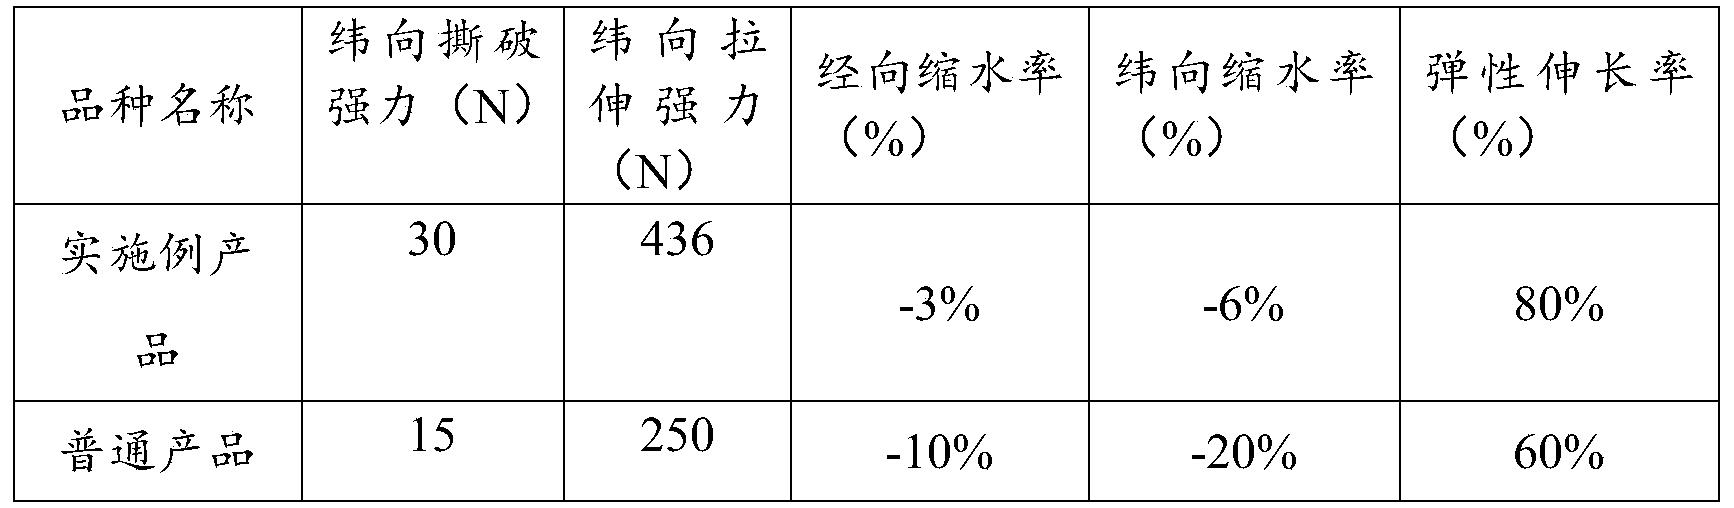 Figure PCTCN2019078519-appb-000011